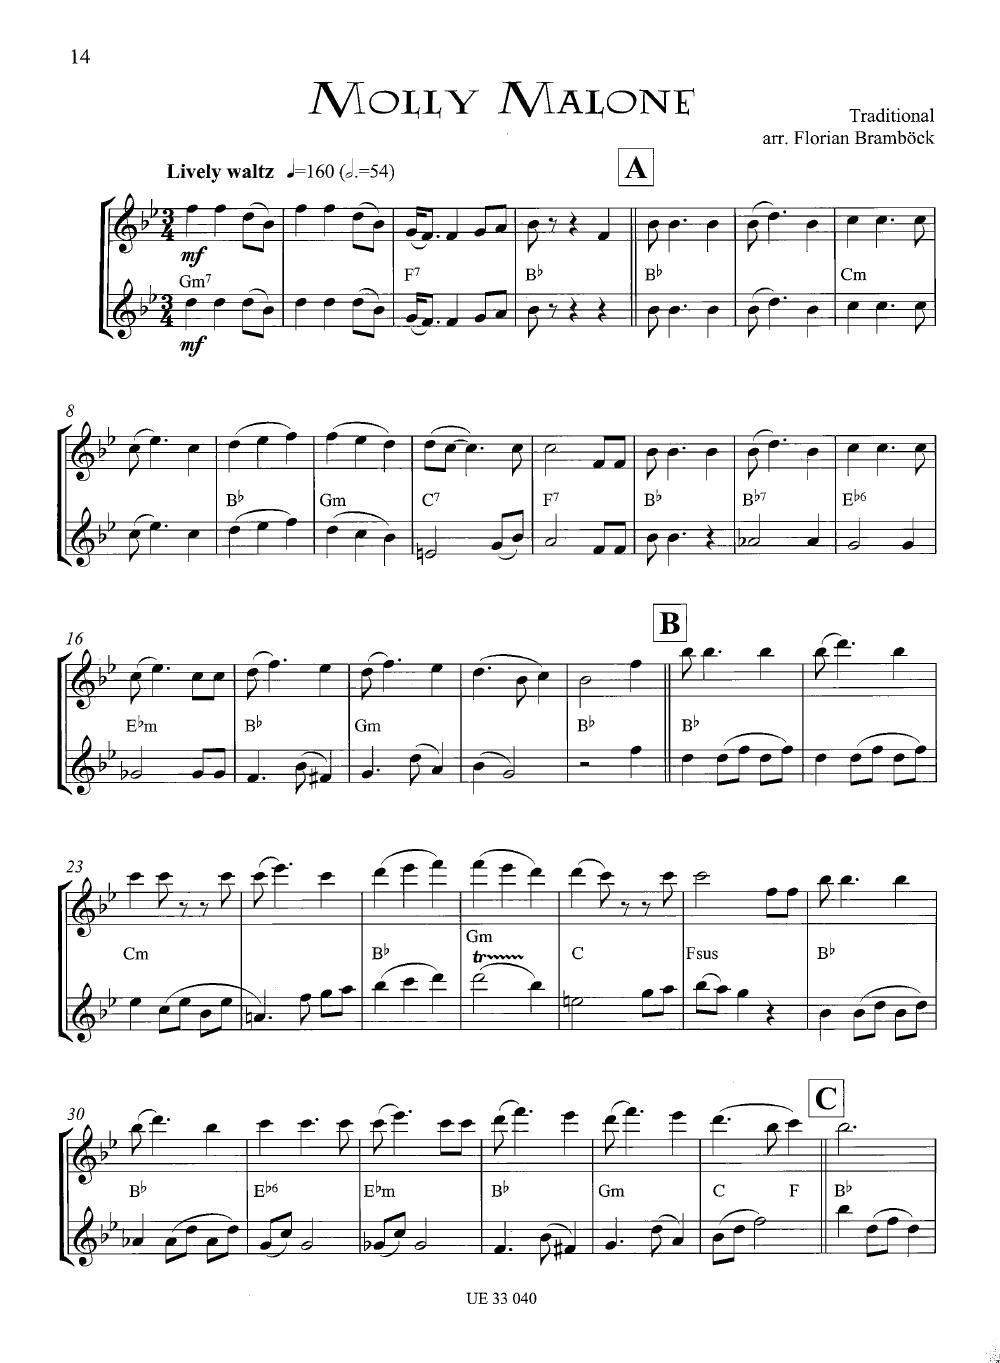 Celtic Flute Duets Flute Duet Arr F J W Pepper Sheet Music Sheet Music Flute Celtic Music